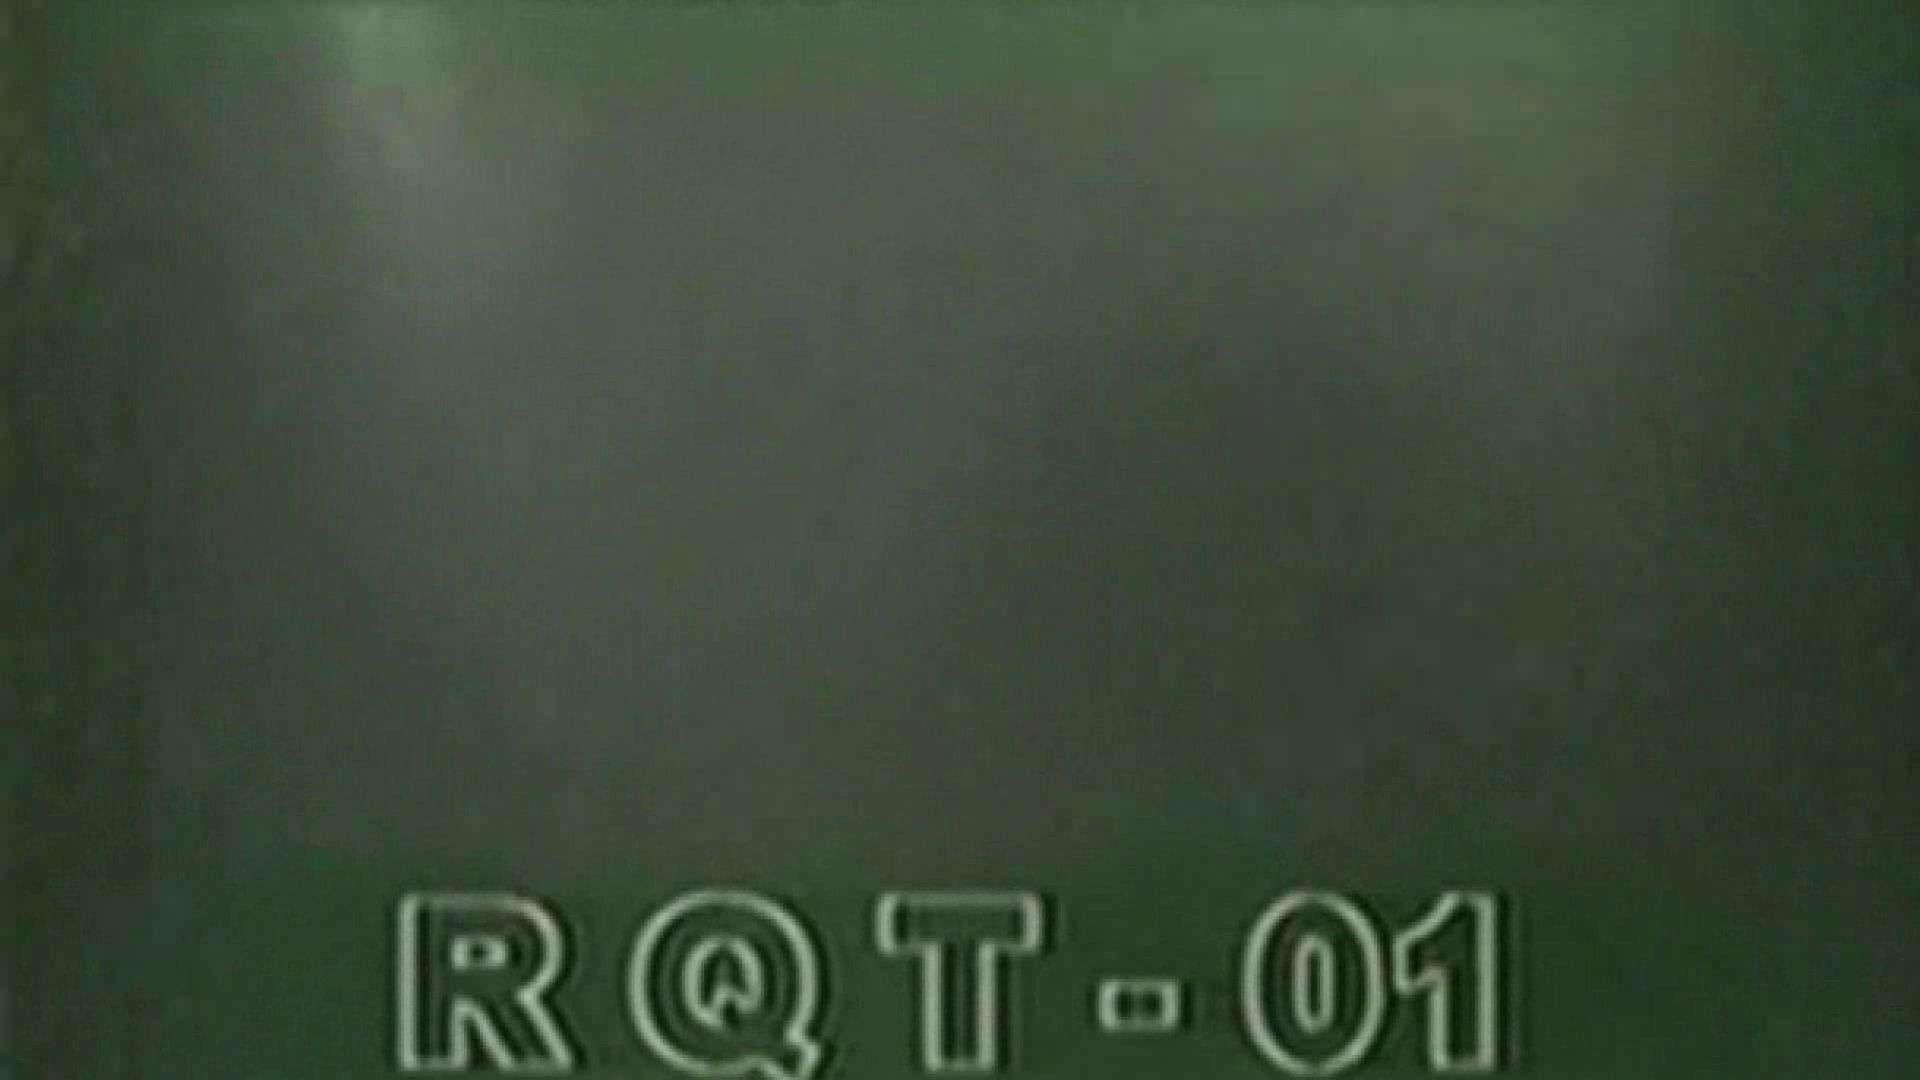 お姉さんの恥便所盗撮! Vol.2 レースクイーン 覗きスケベ動画紹介 56連発 49